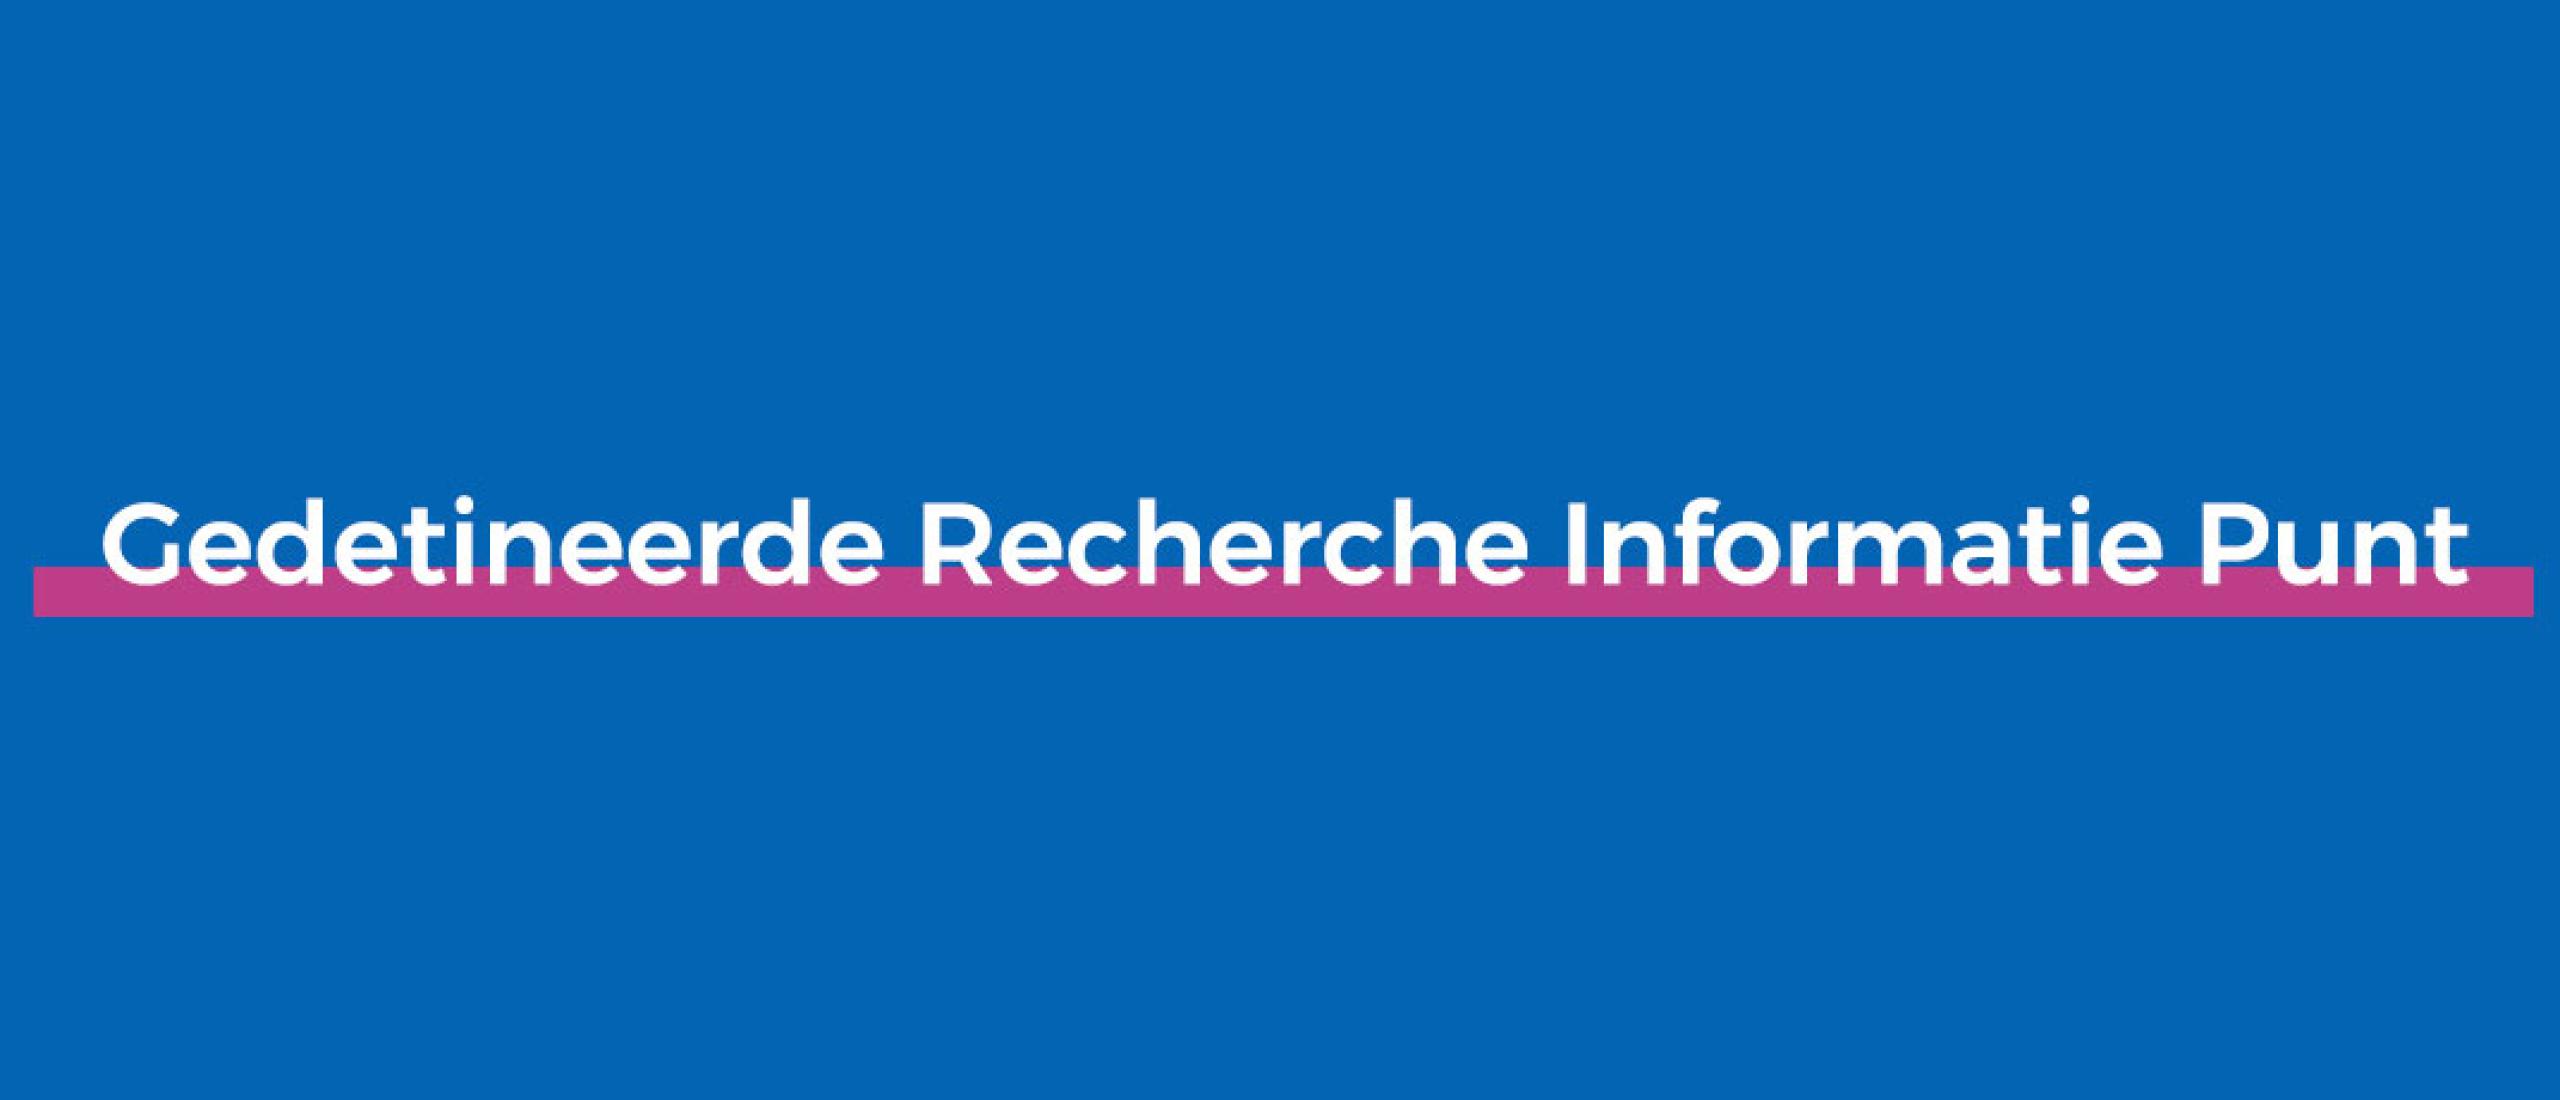 Gedetineerde Recherche Informatie Punt